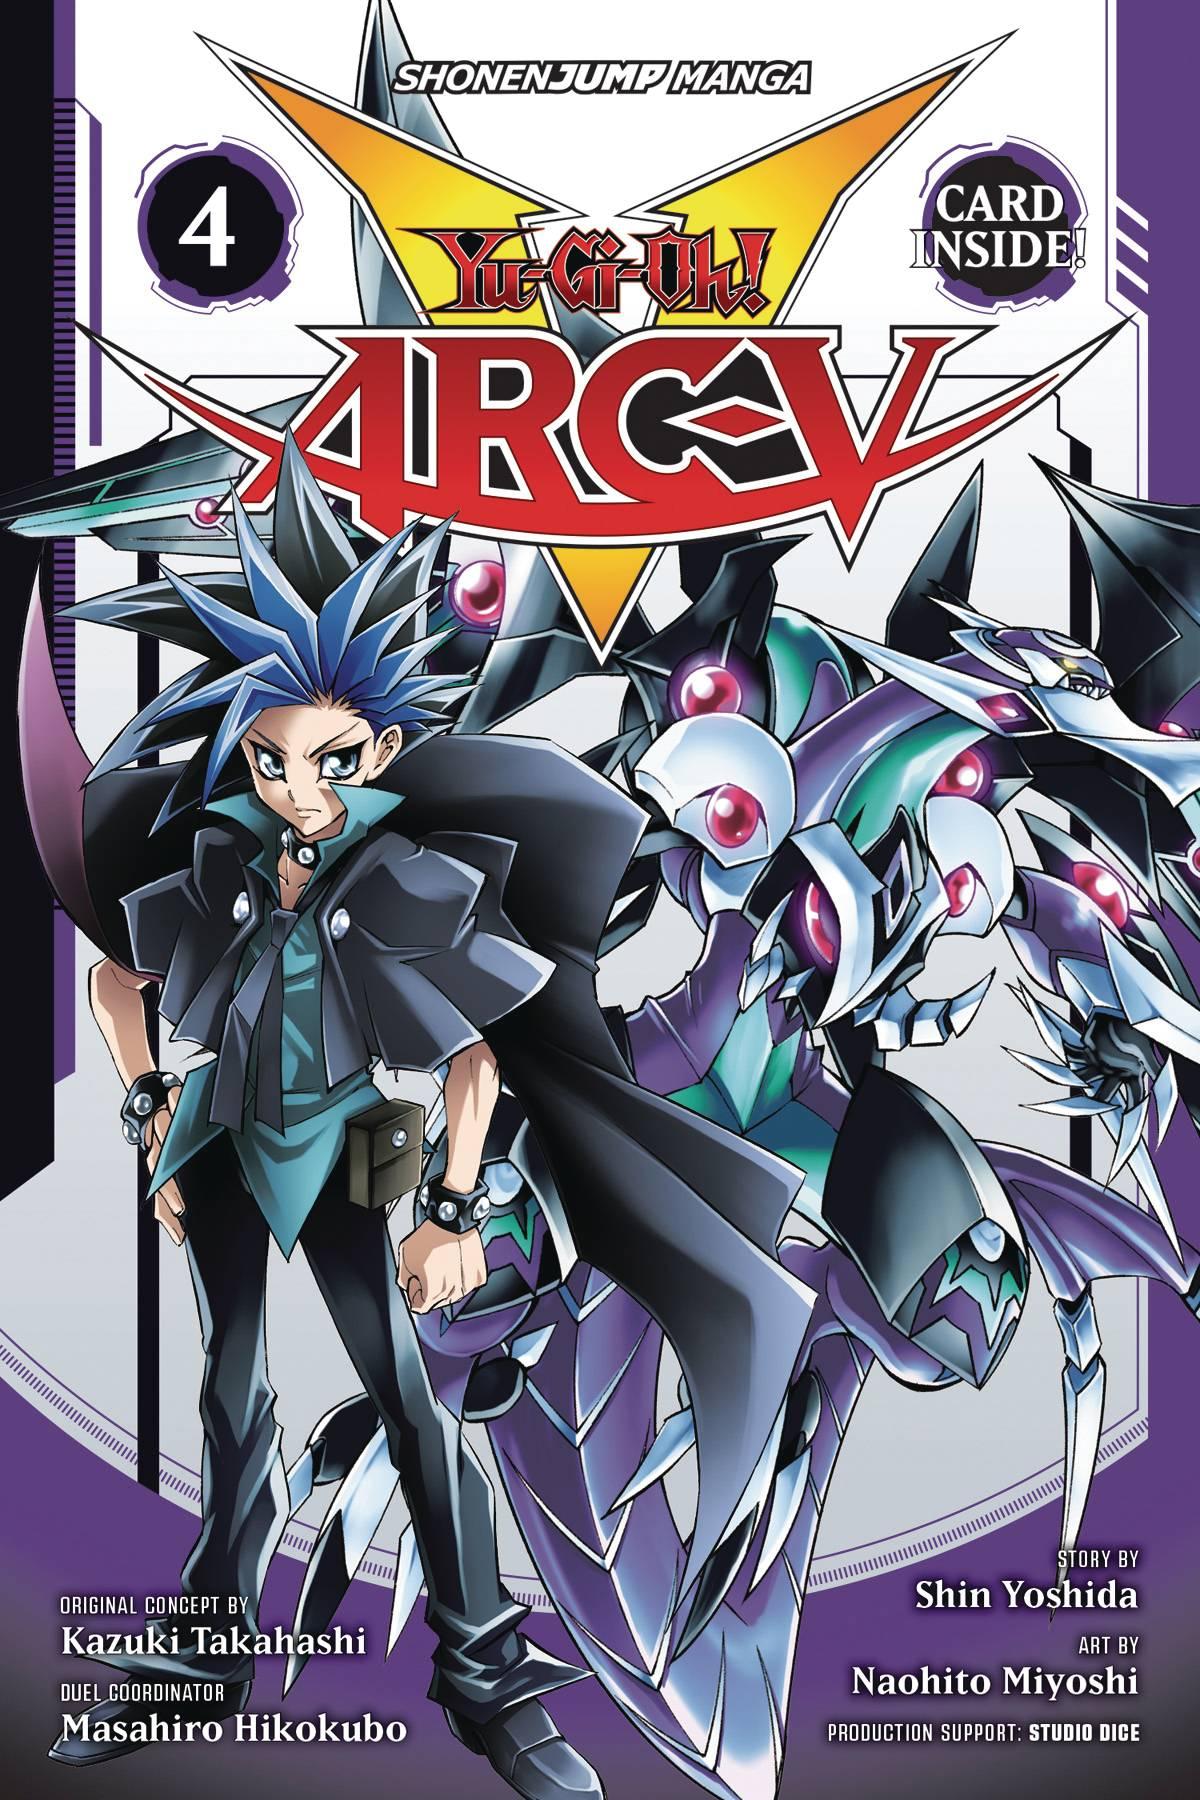 Yu-Gi-Oh! ARC-V Volume 4 promotional card - Yugipedia - Yu